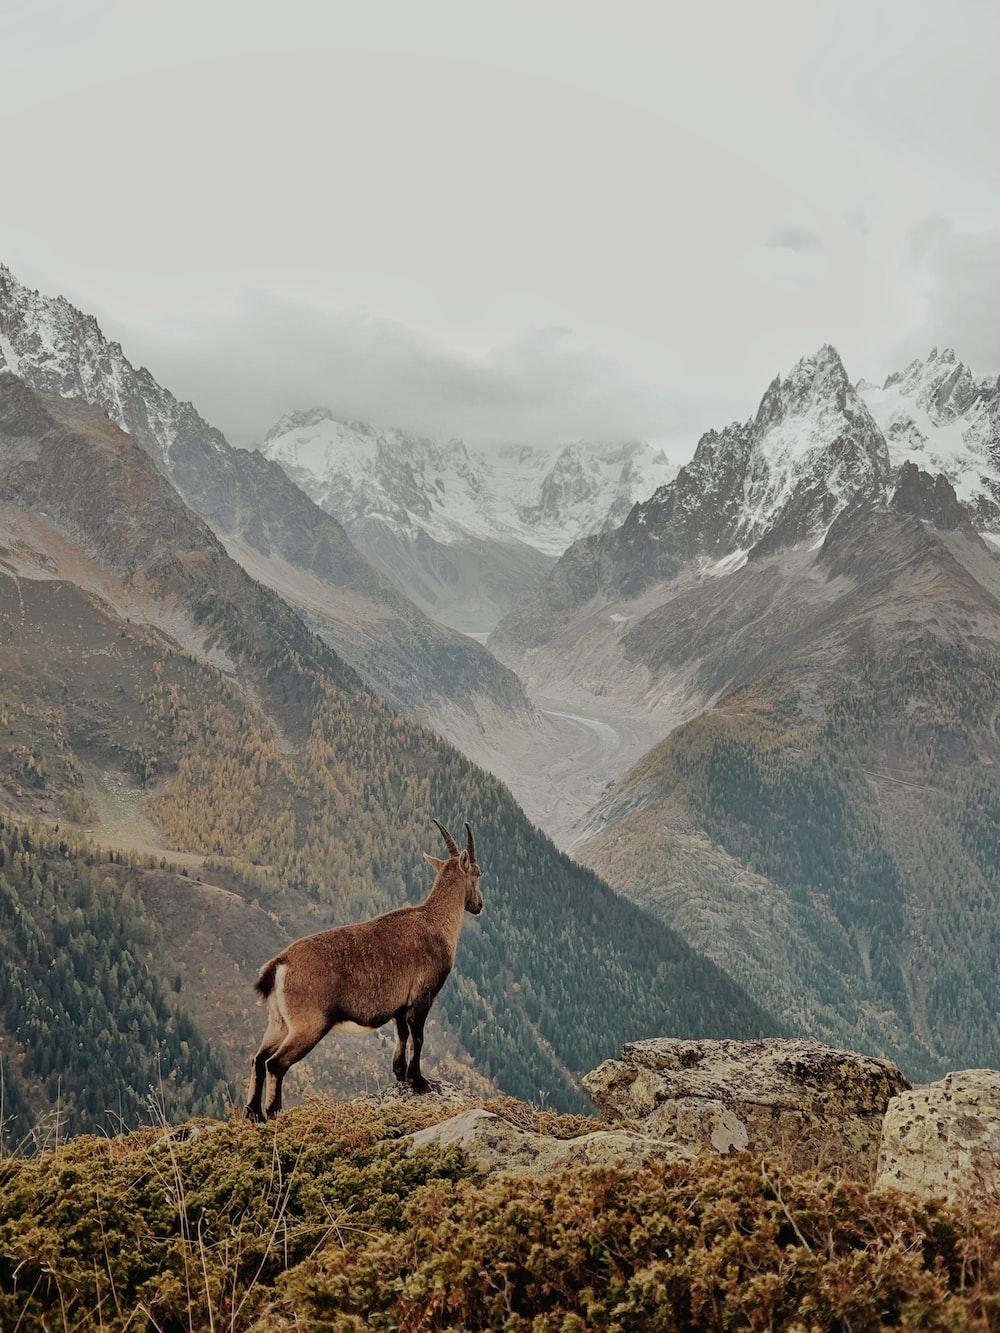 brown deer on mountain during daytime